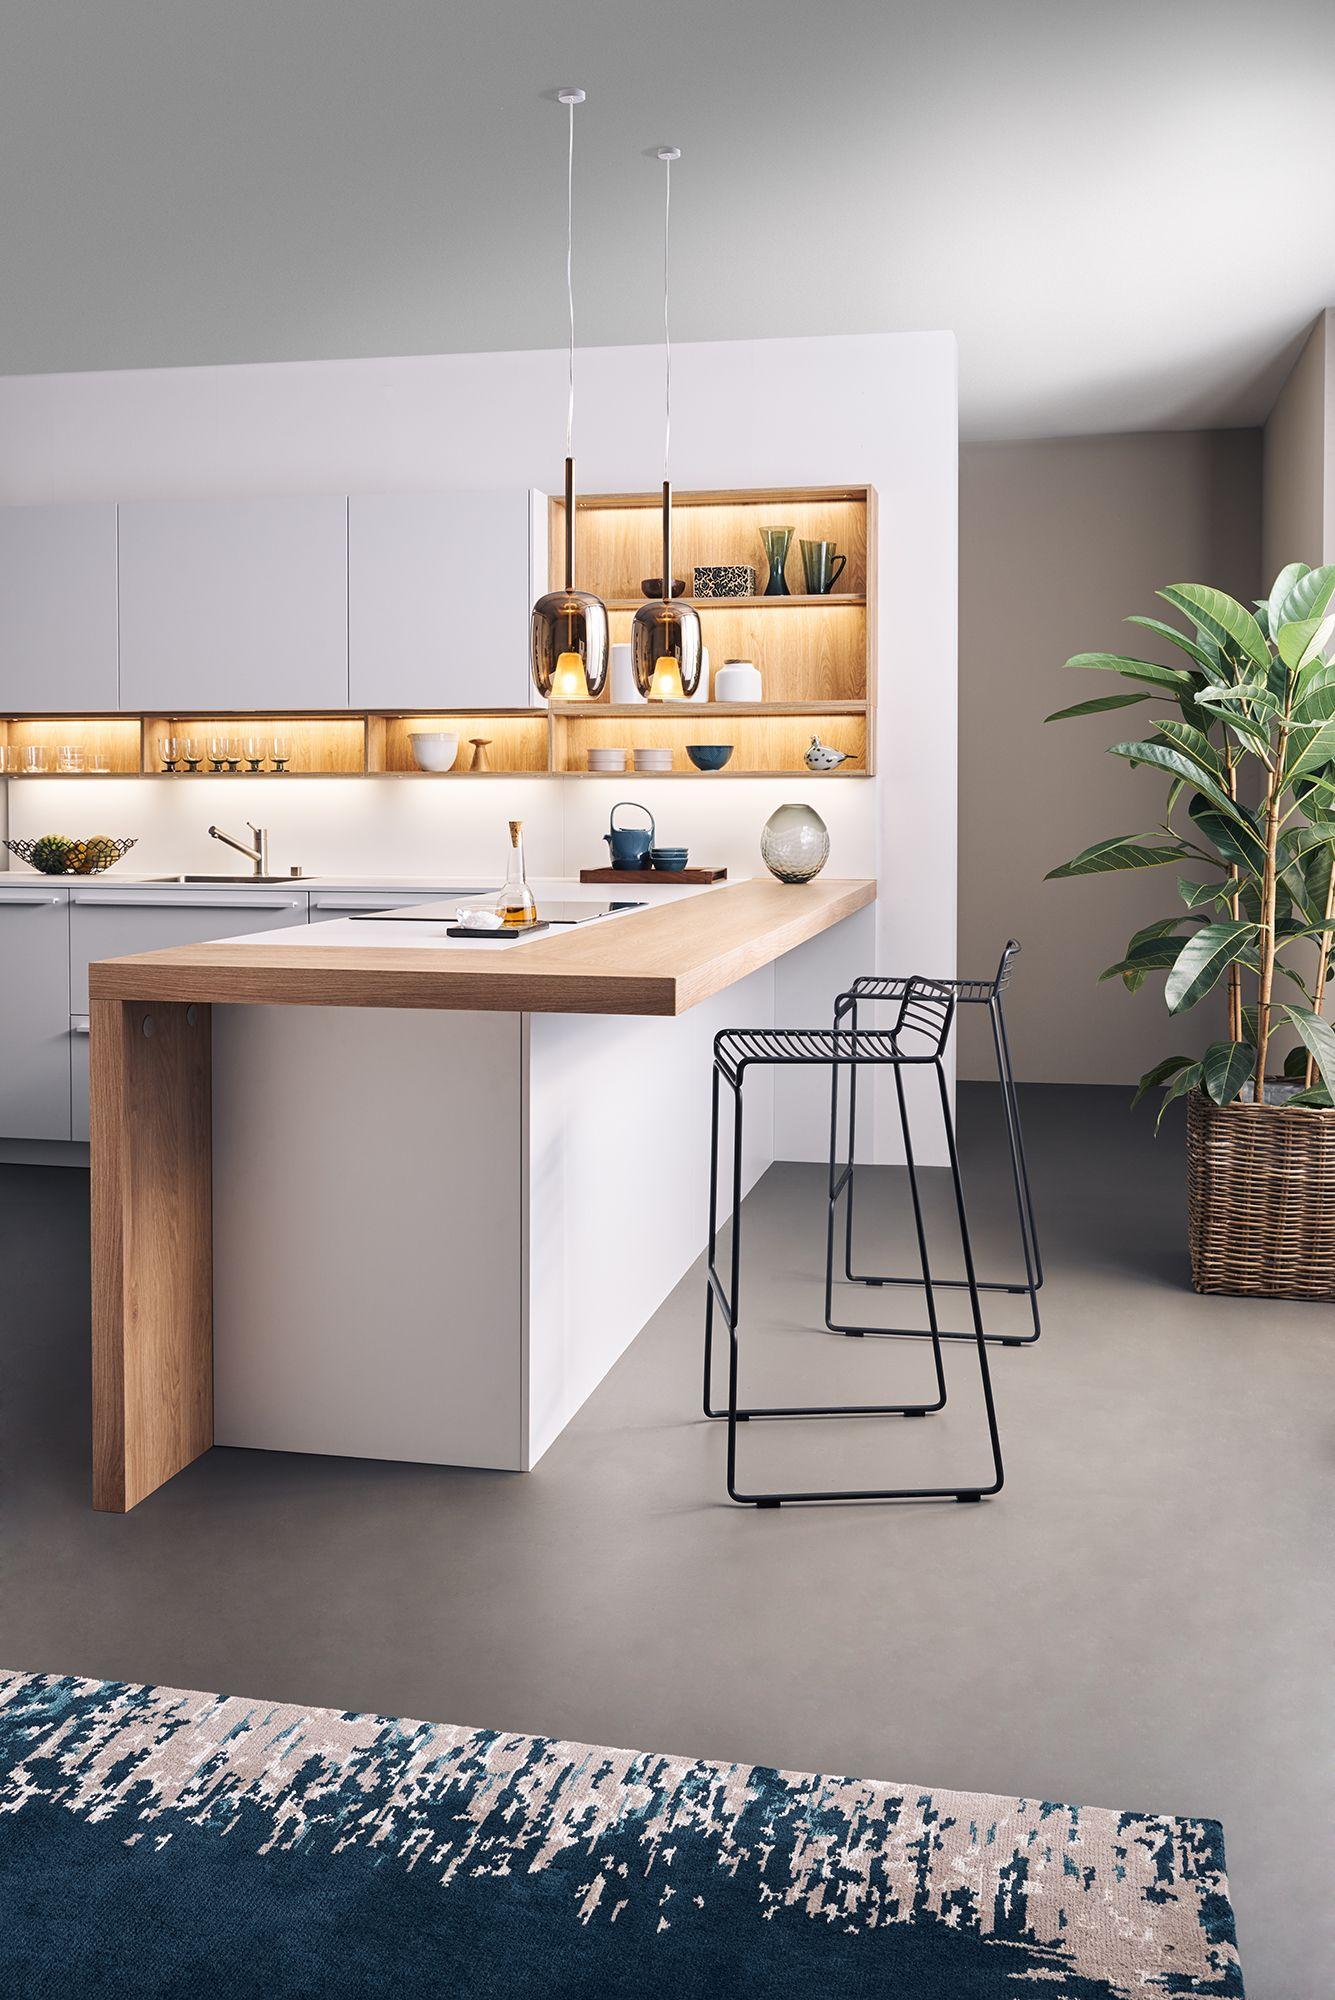 Küchenideen 2018 bilder Современная кухня leicht bondi  synthia  modern kitchen leicht